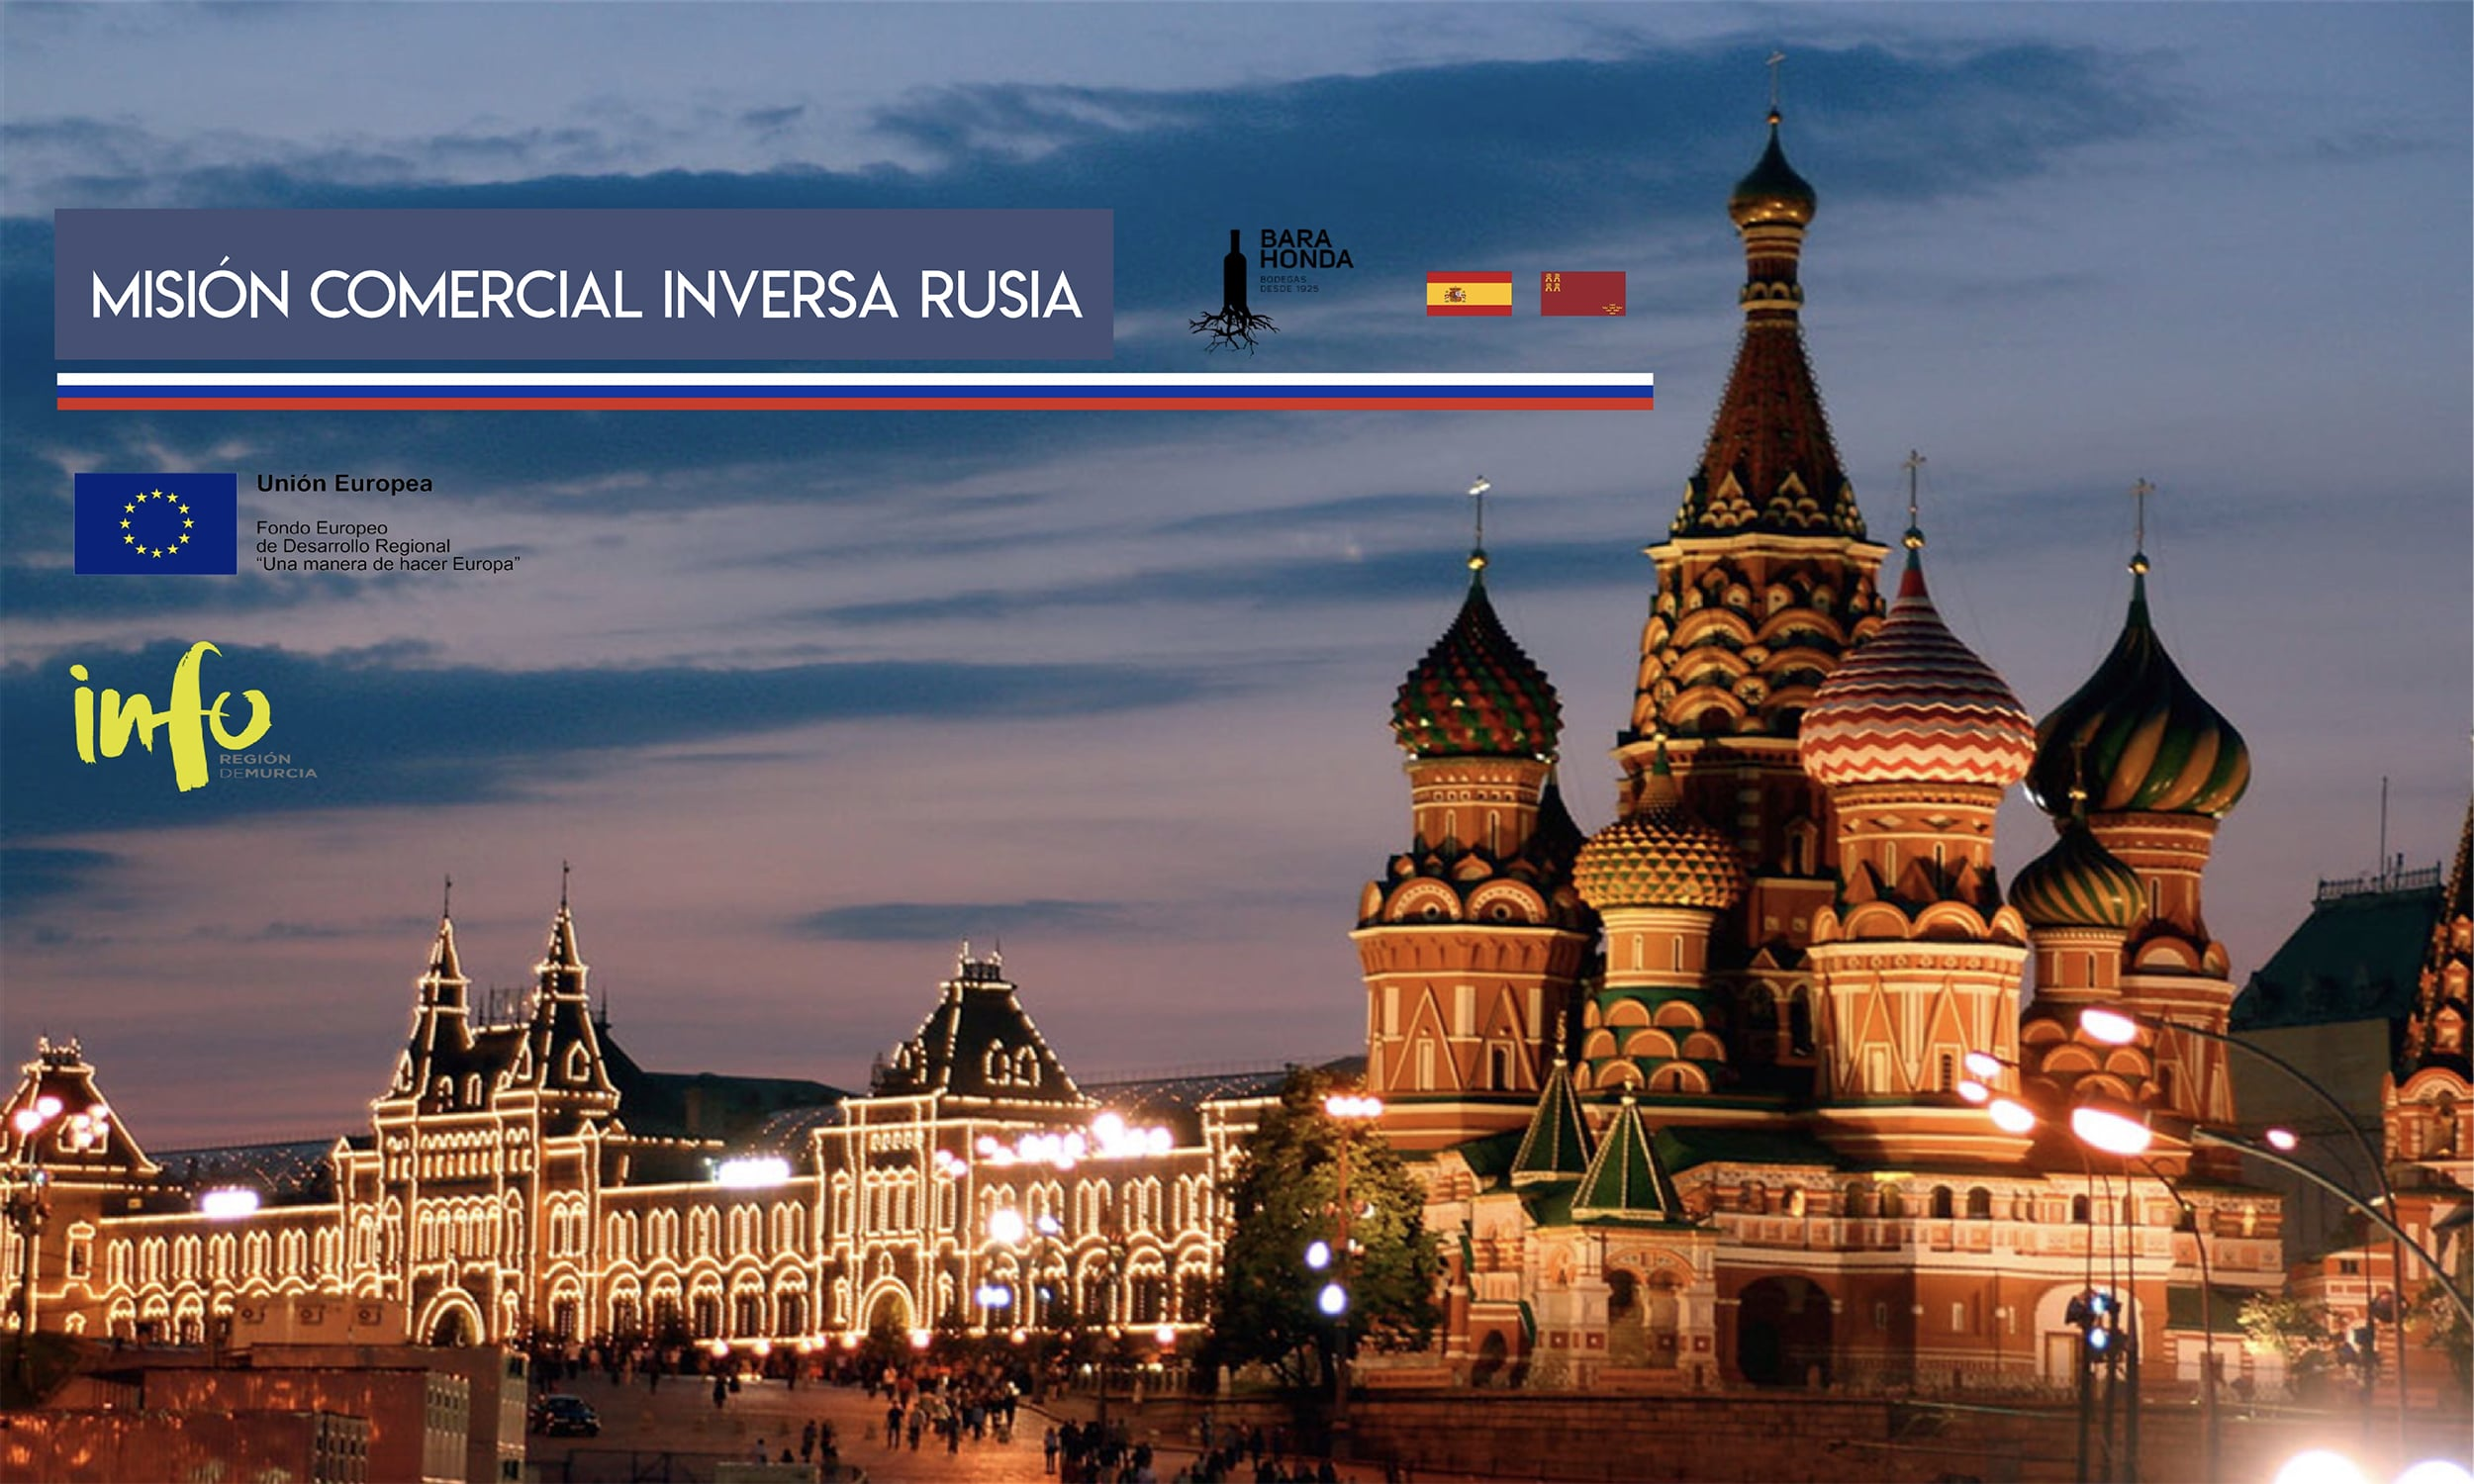 Misión Comercial Rusia Inversa